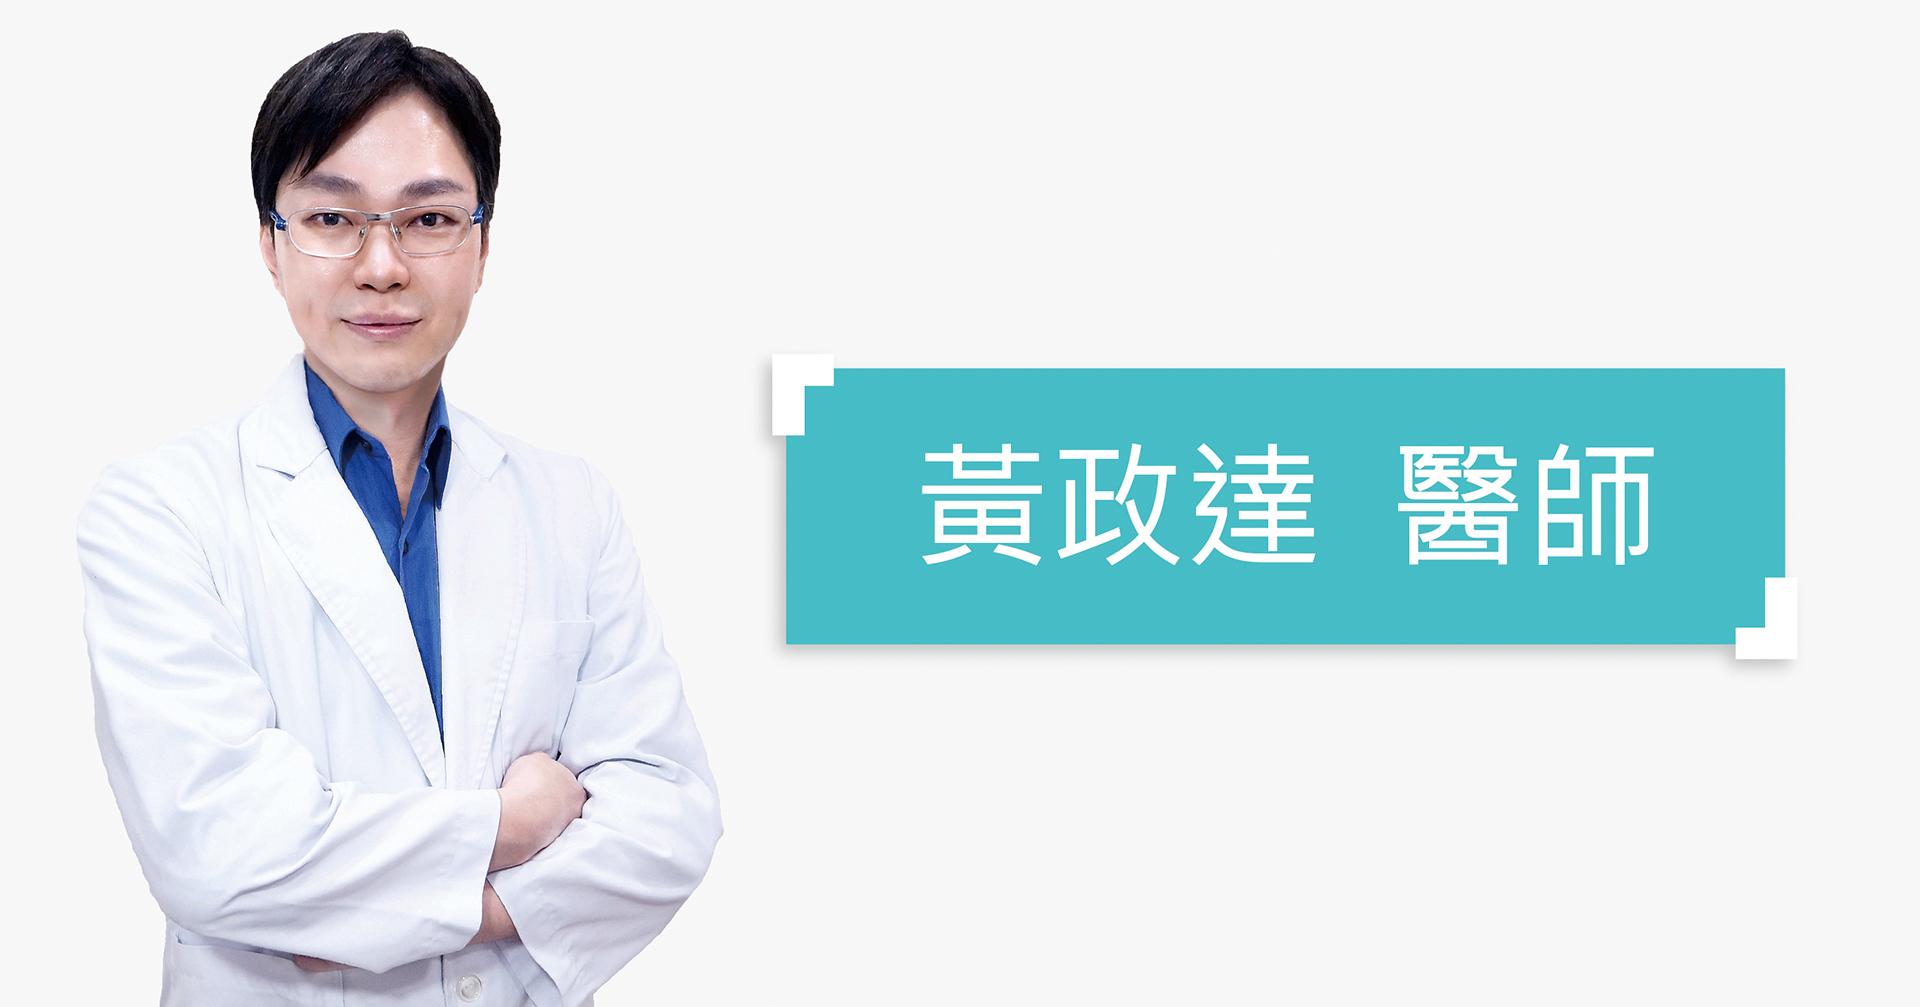 蔡學毅醫師學經歷專長介紹